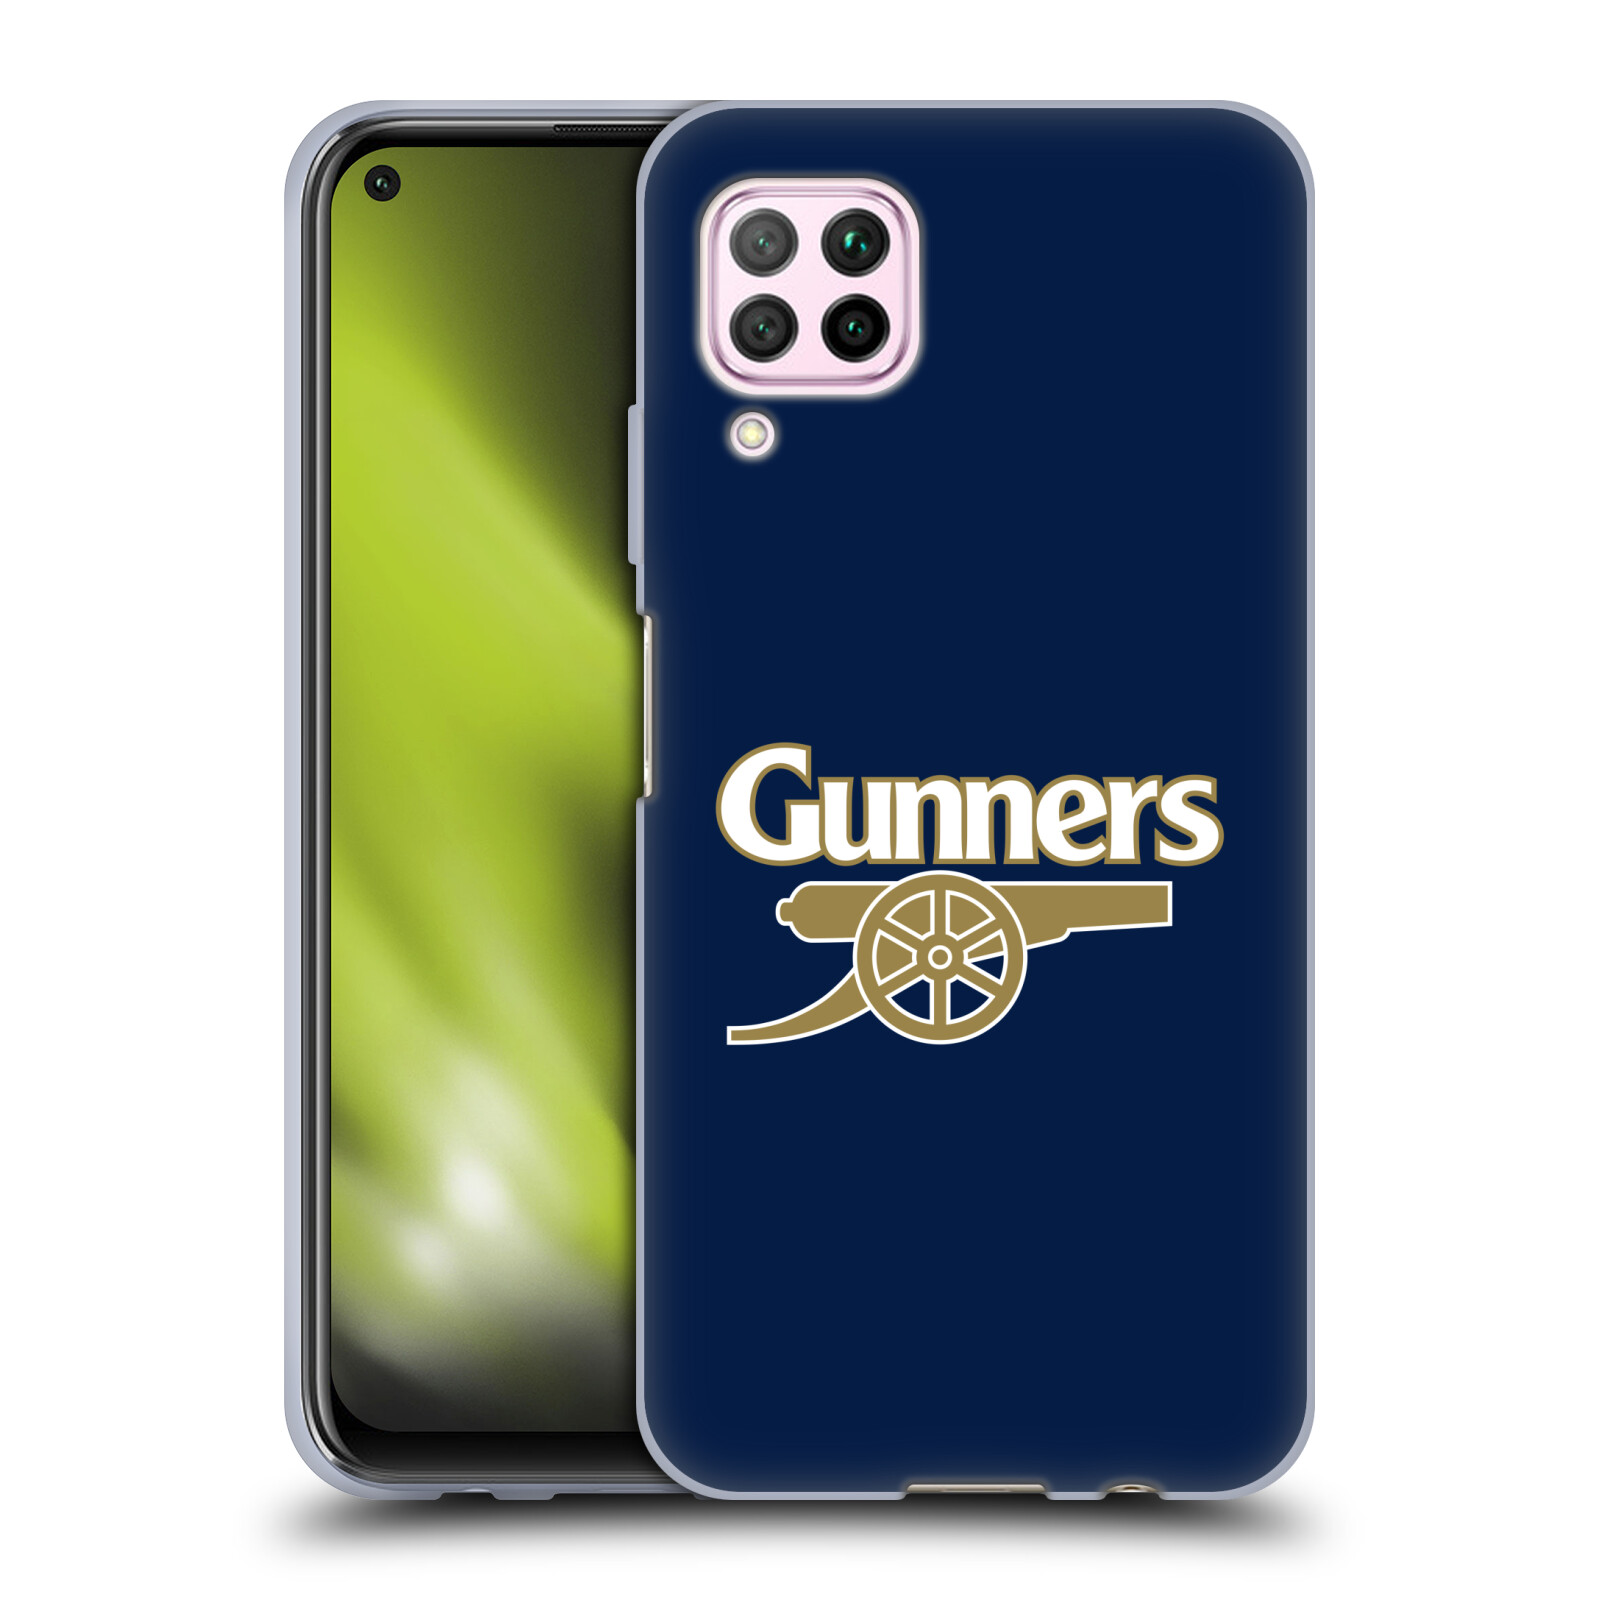 Silikonové pouzdro na mobil Huawei P40 Lite - Head Case - Arsenal FC - Gunners